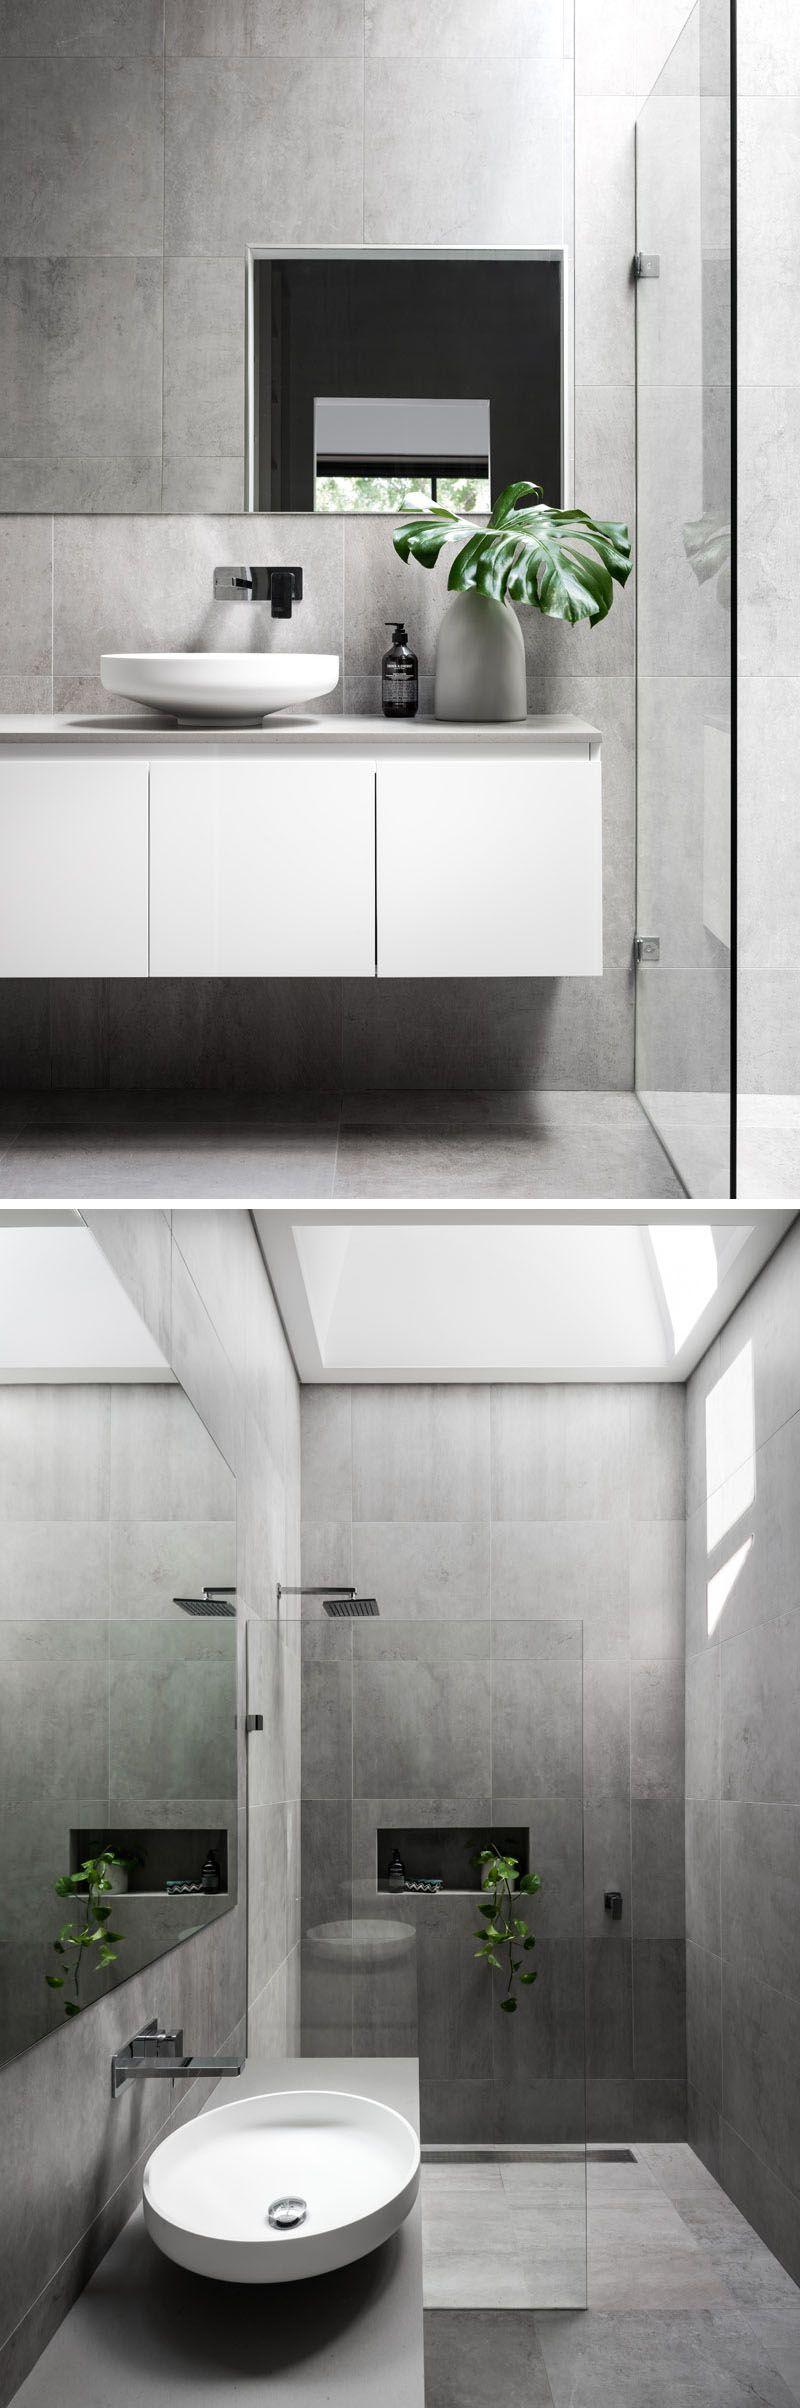 22 Bathroom Tile Ideas - Simple & Stylish | Modern master bathroom ...